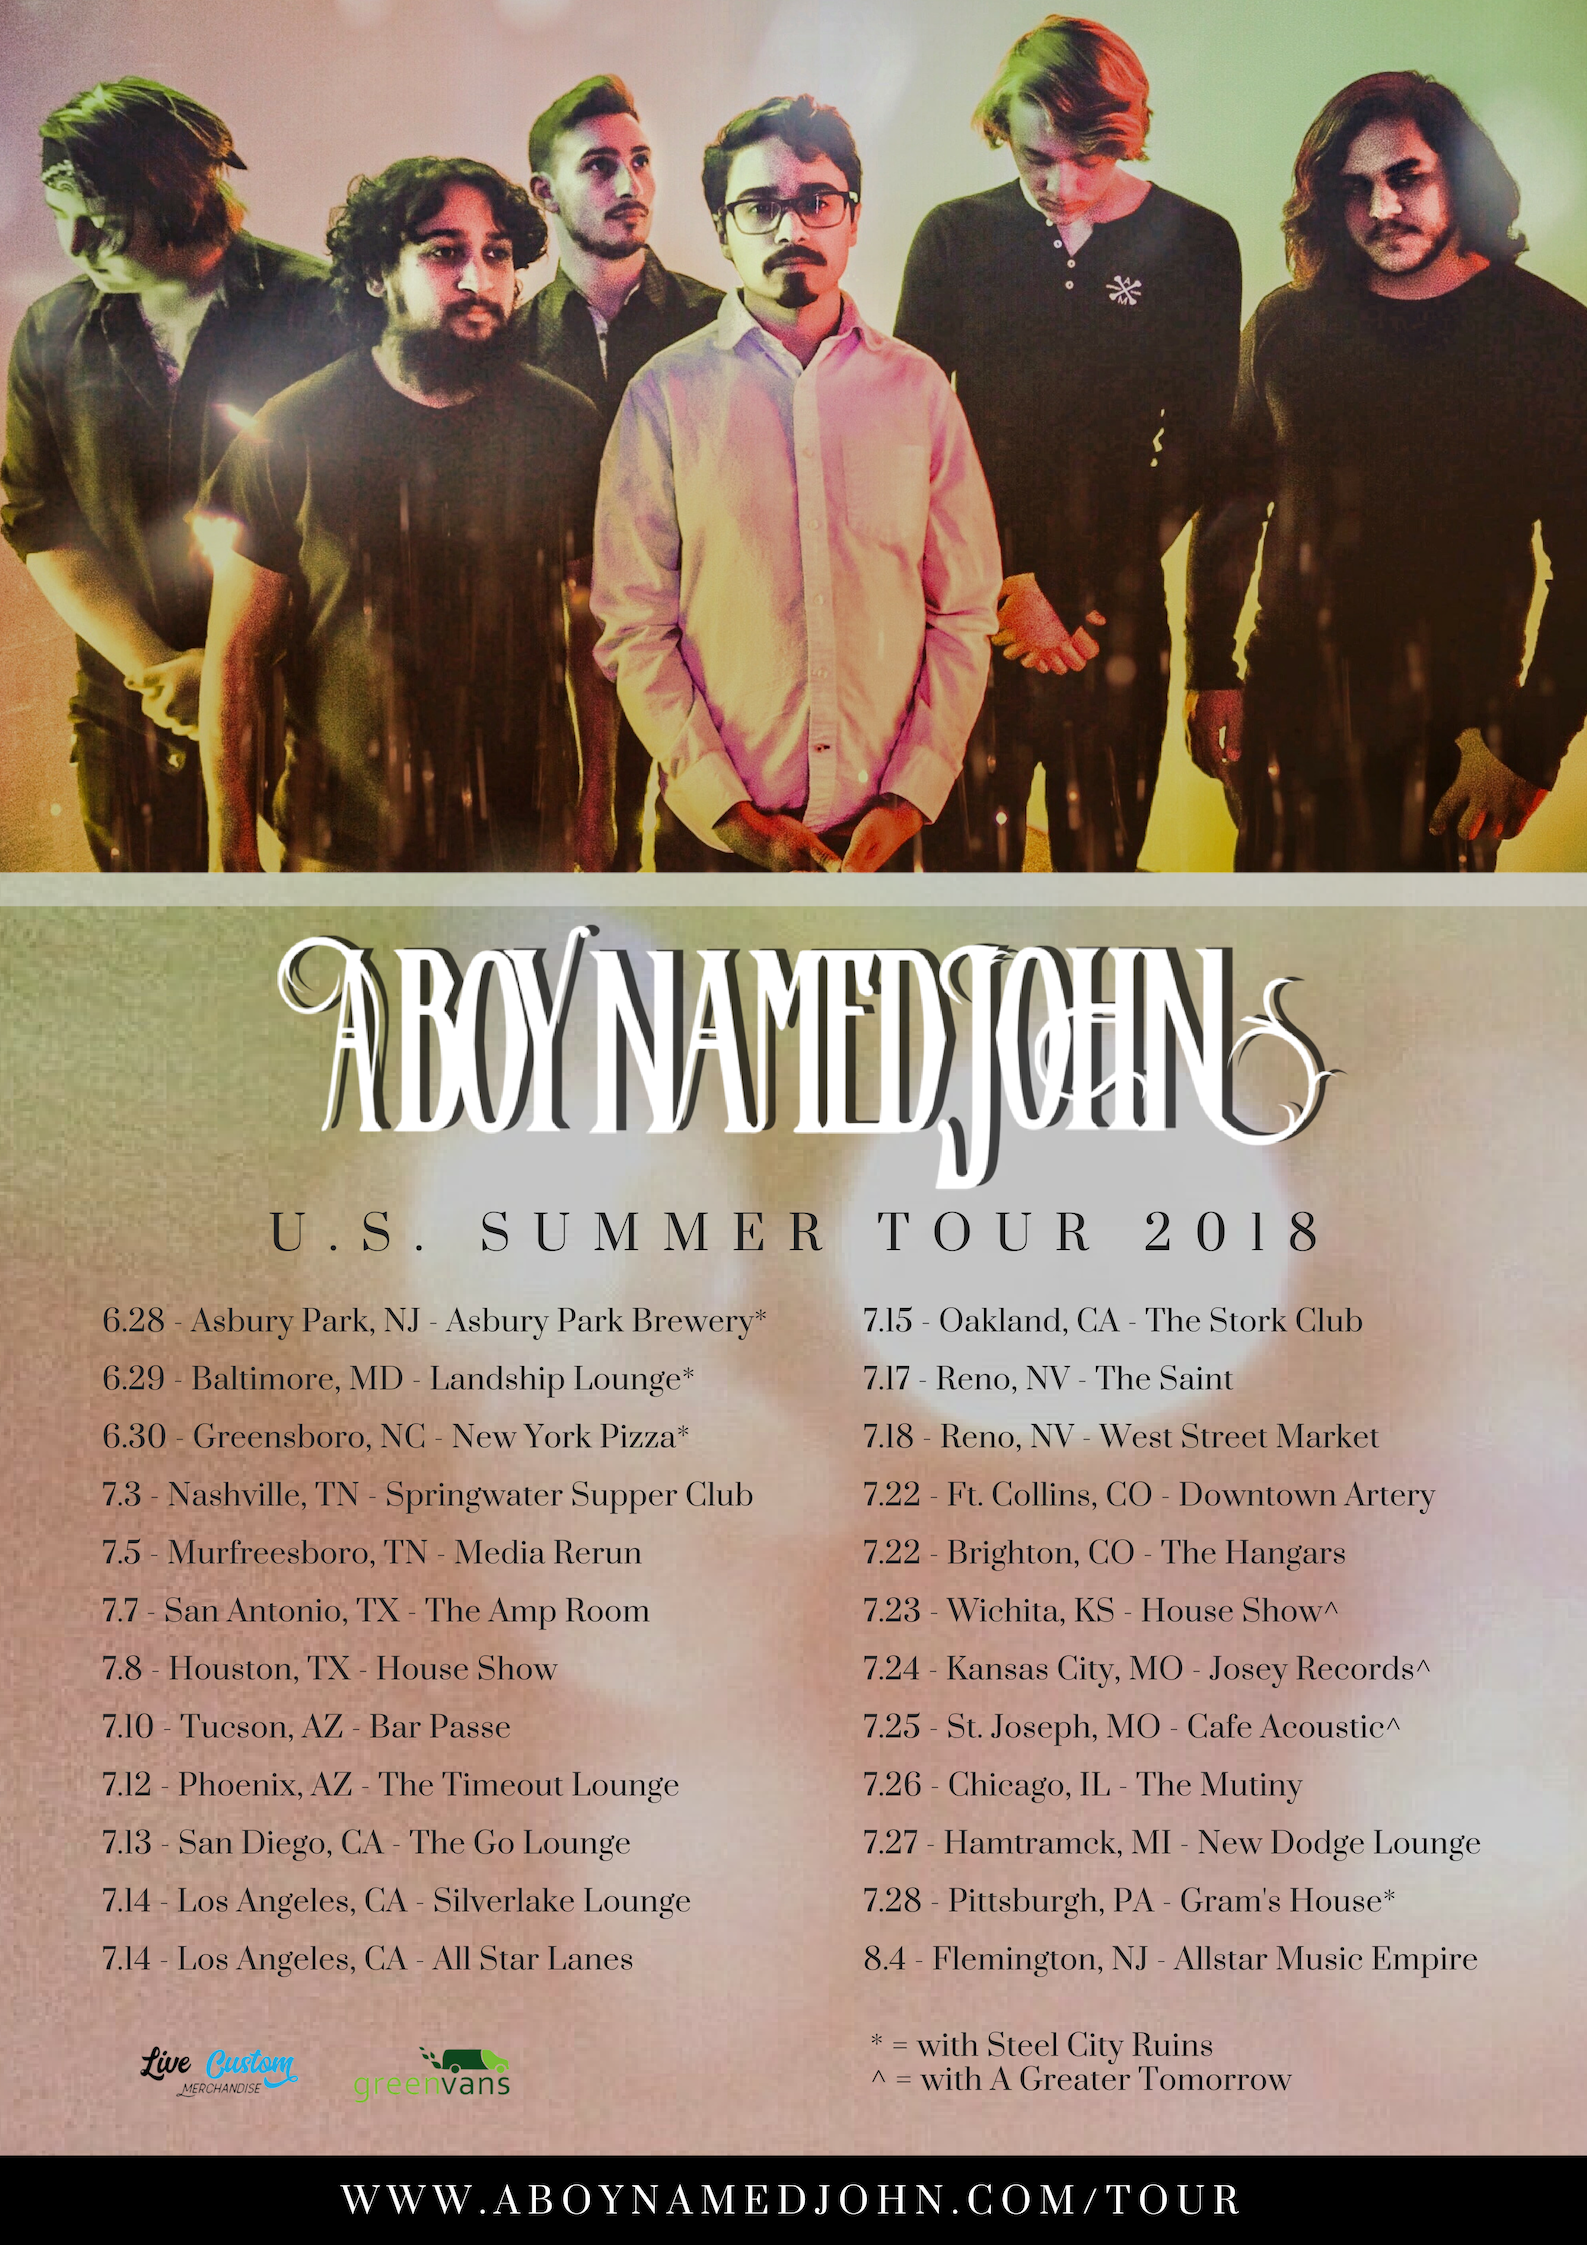 U.S. Summer Tour 2018